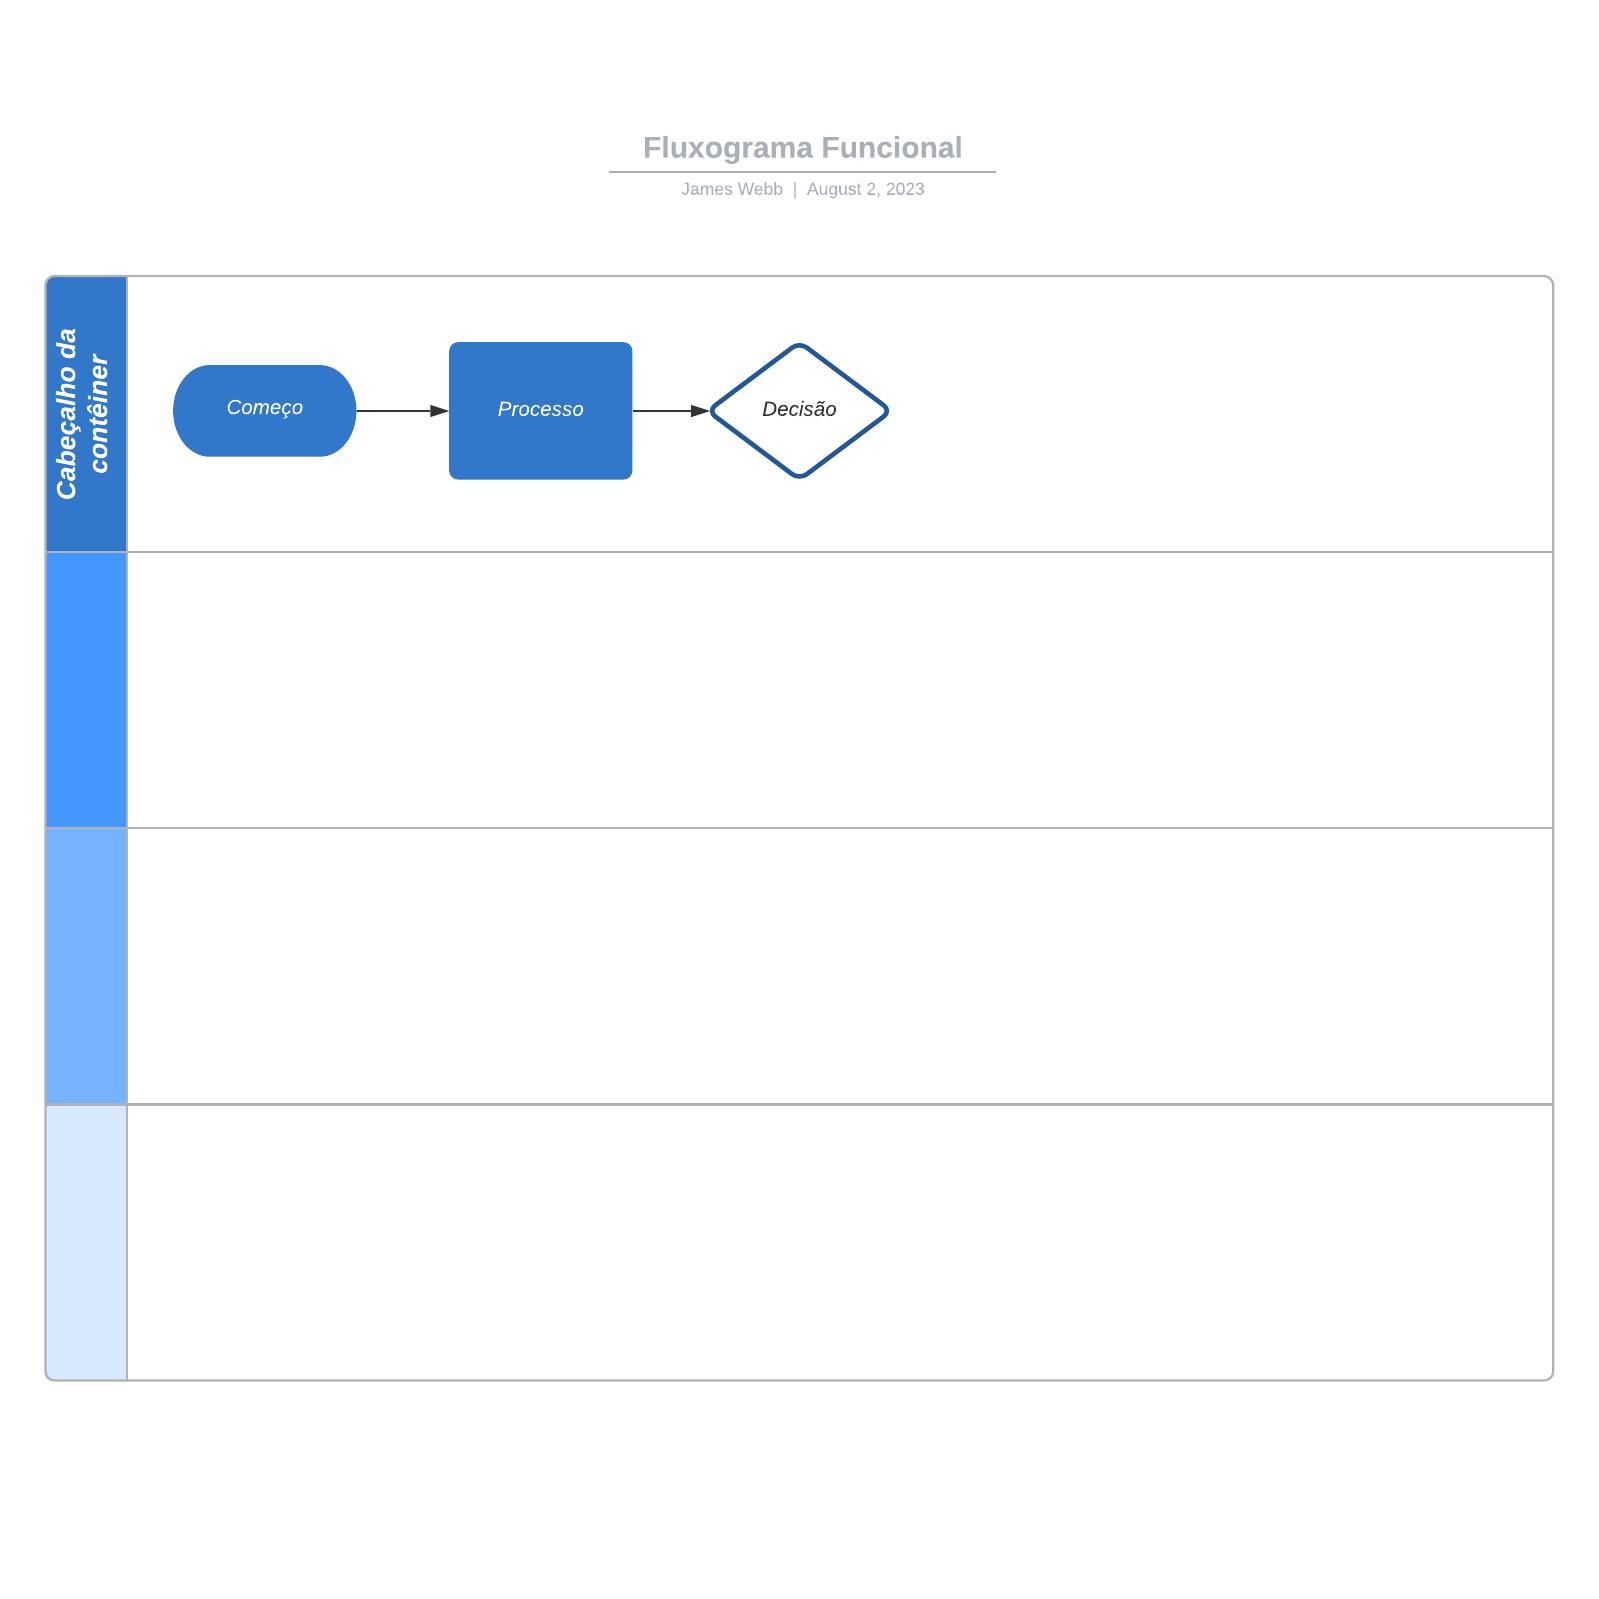 Fluxograma funcional em branco